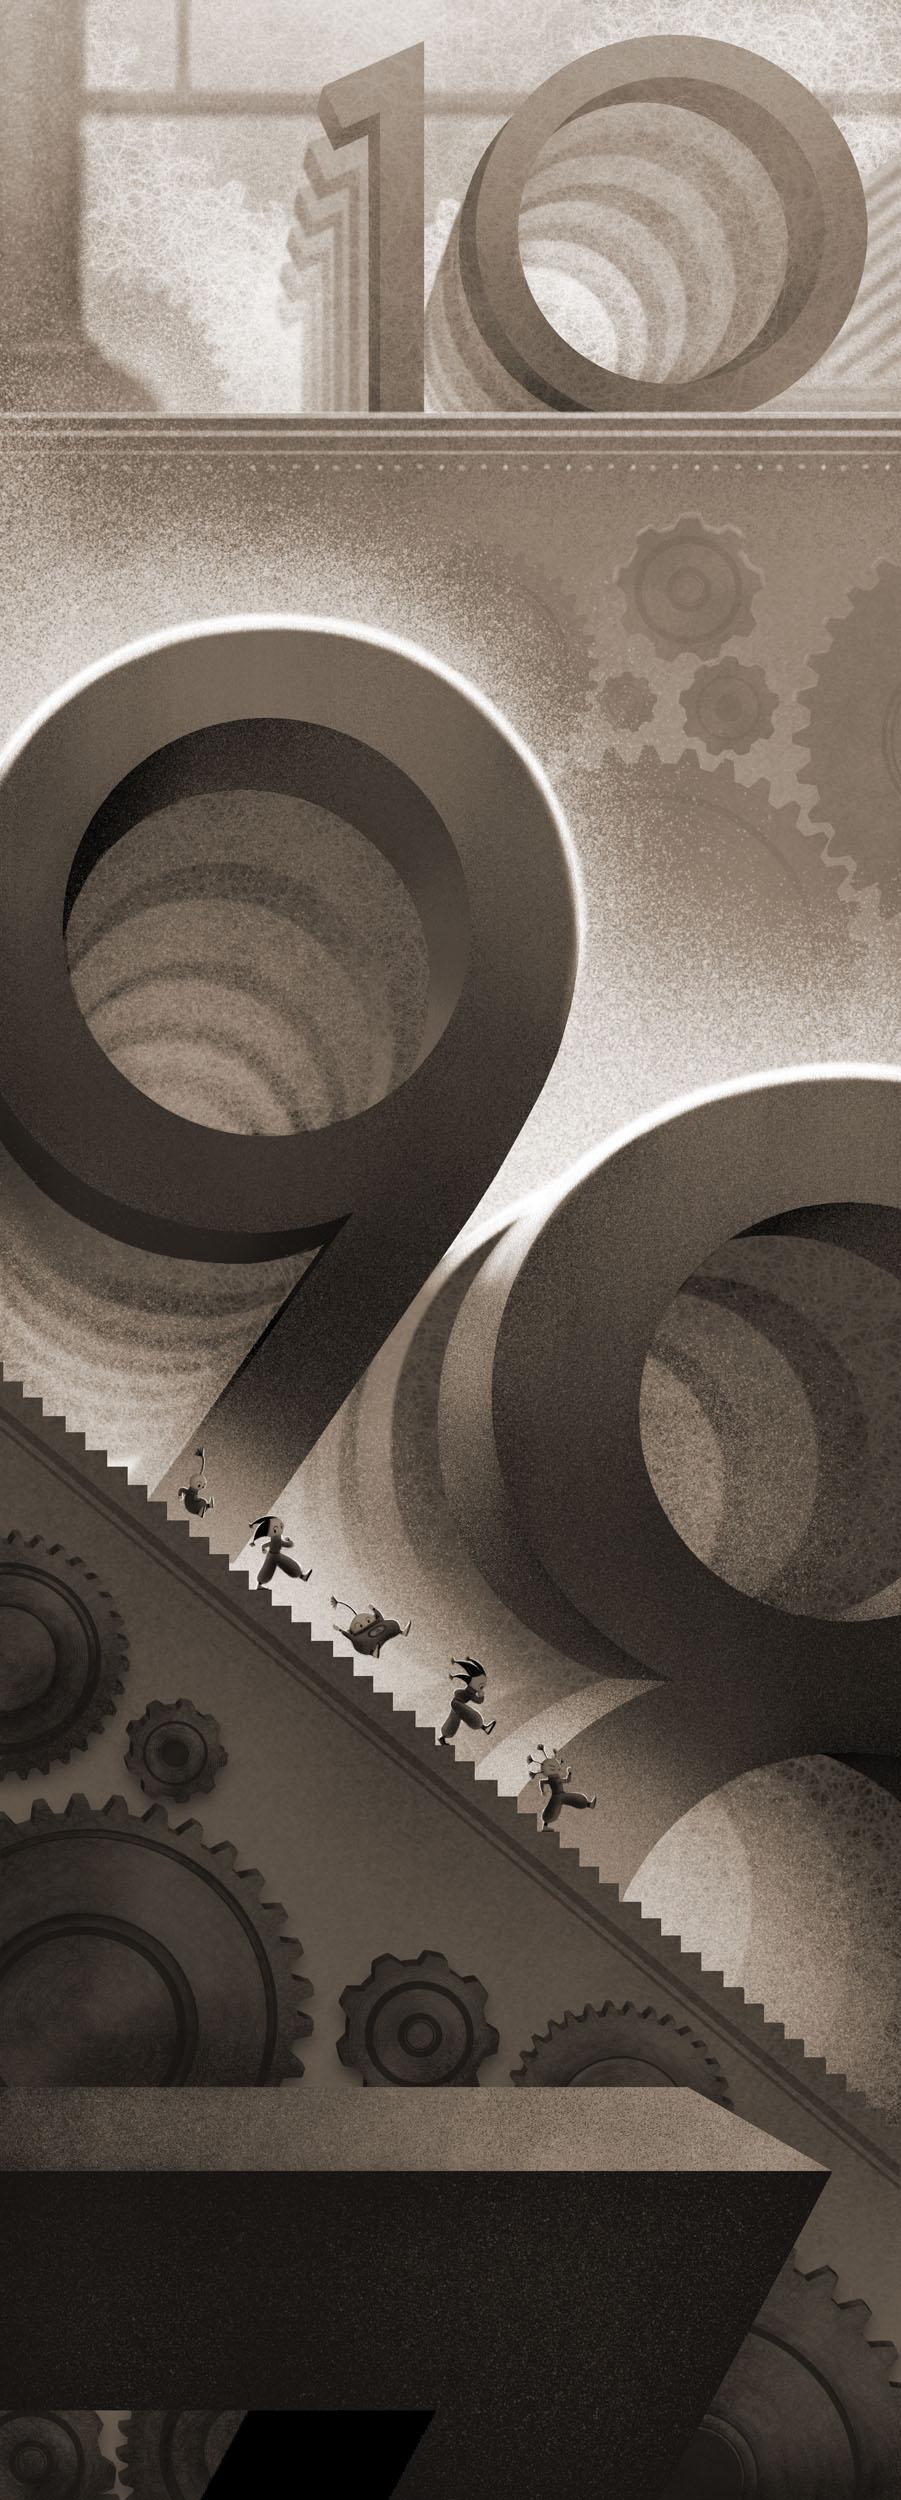 NumberlysBook004.jpg